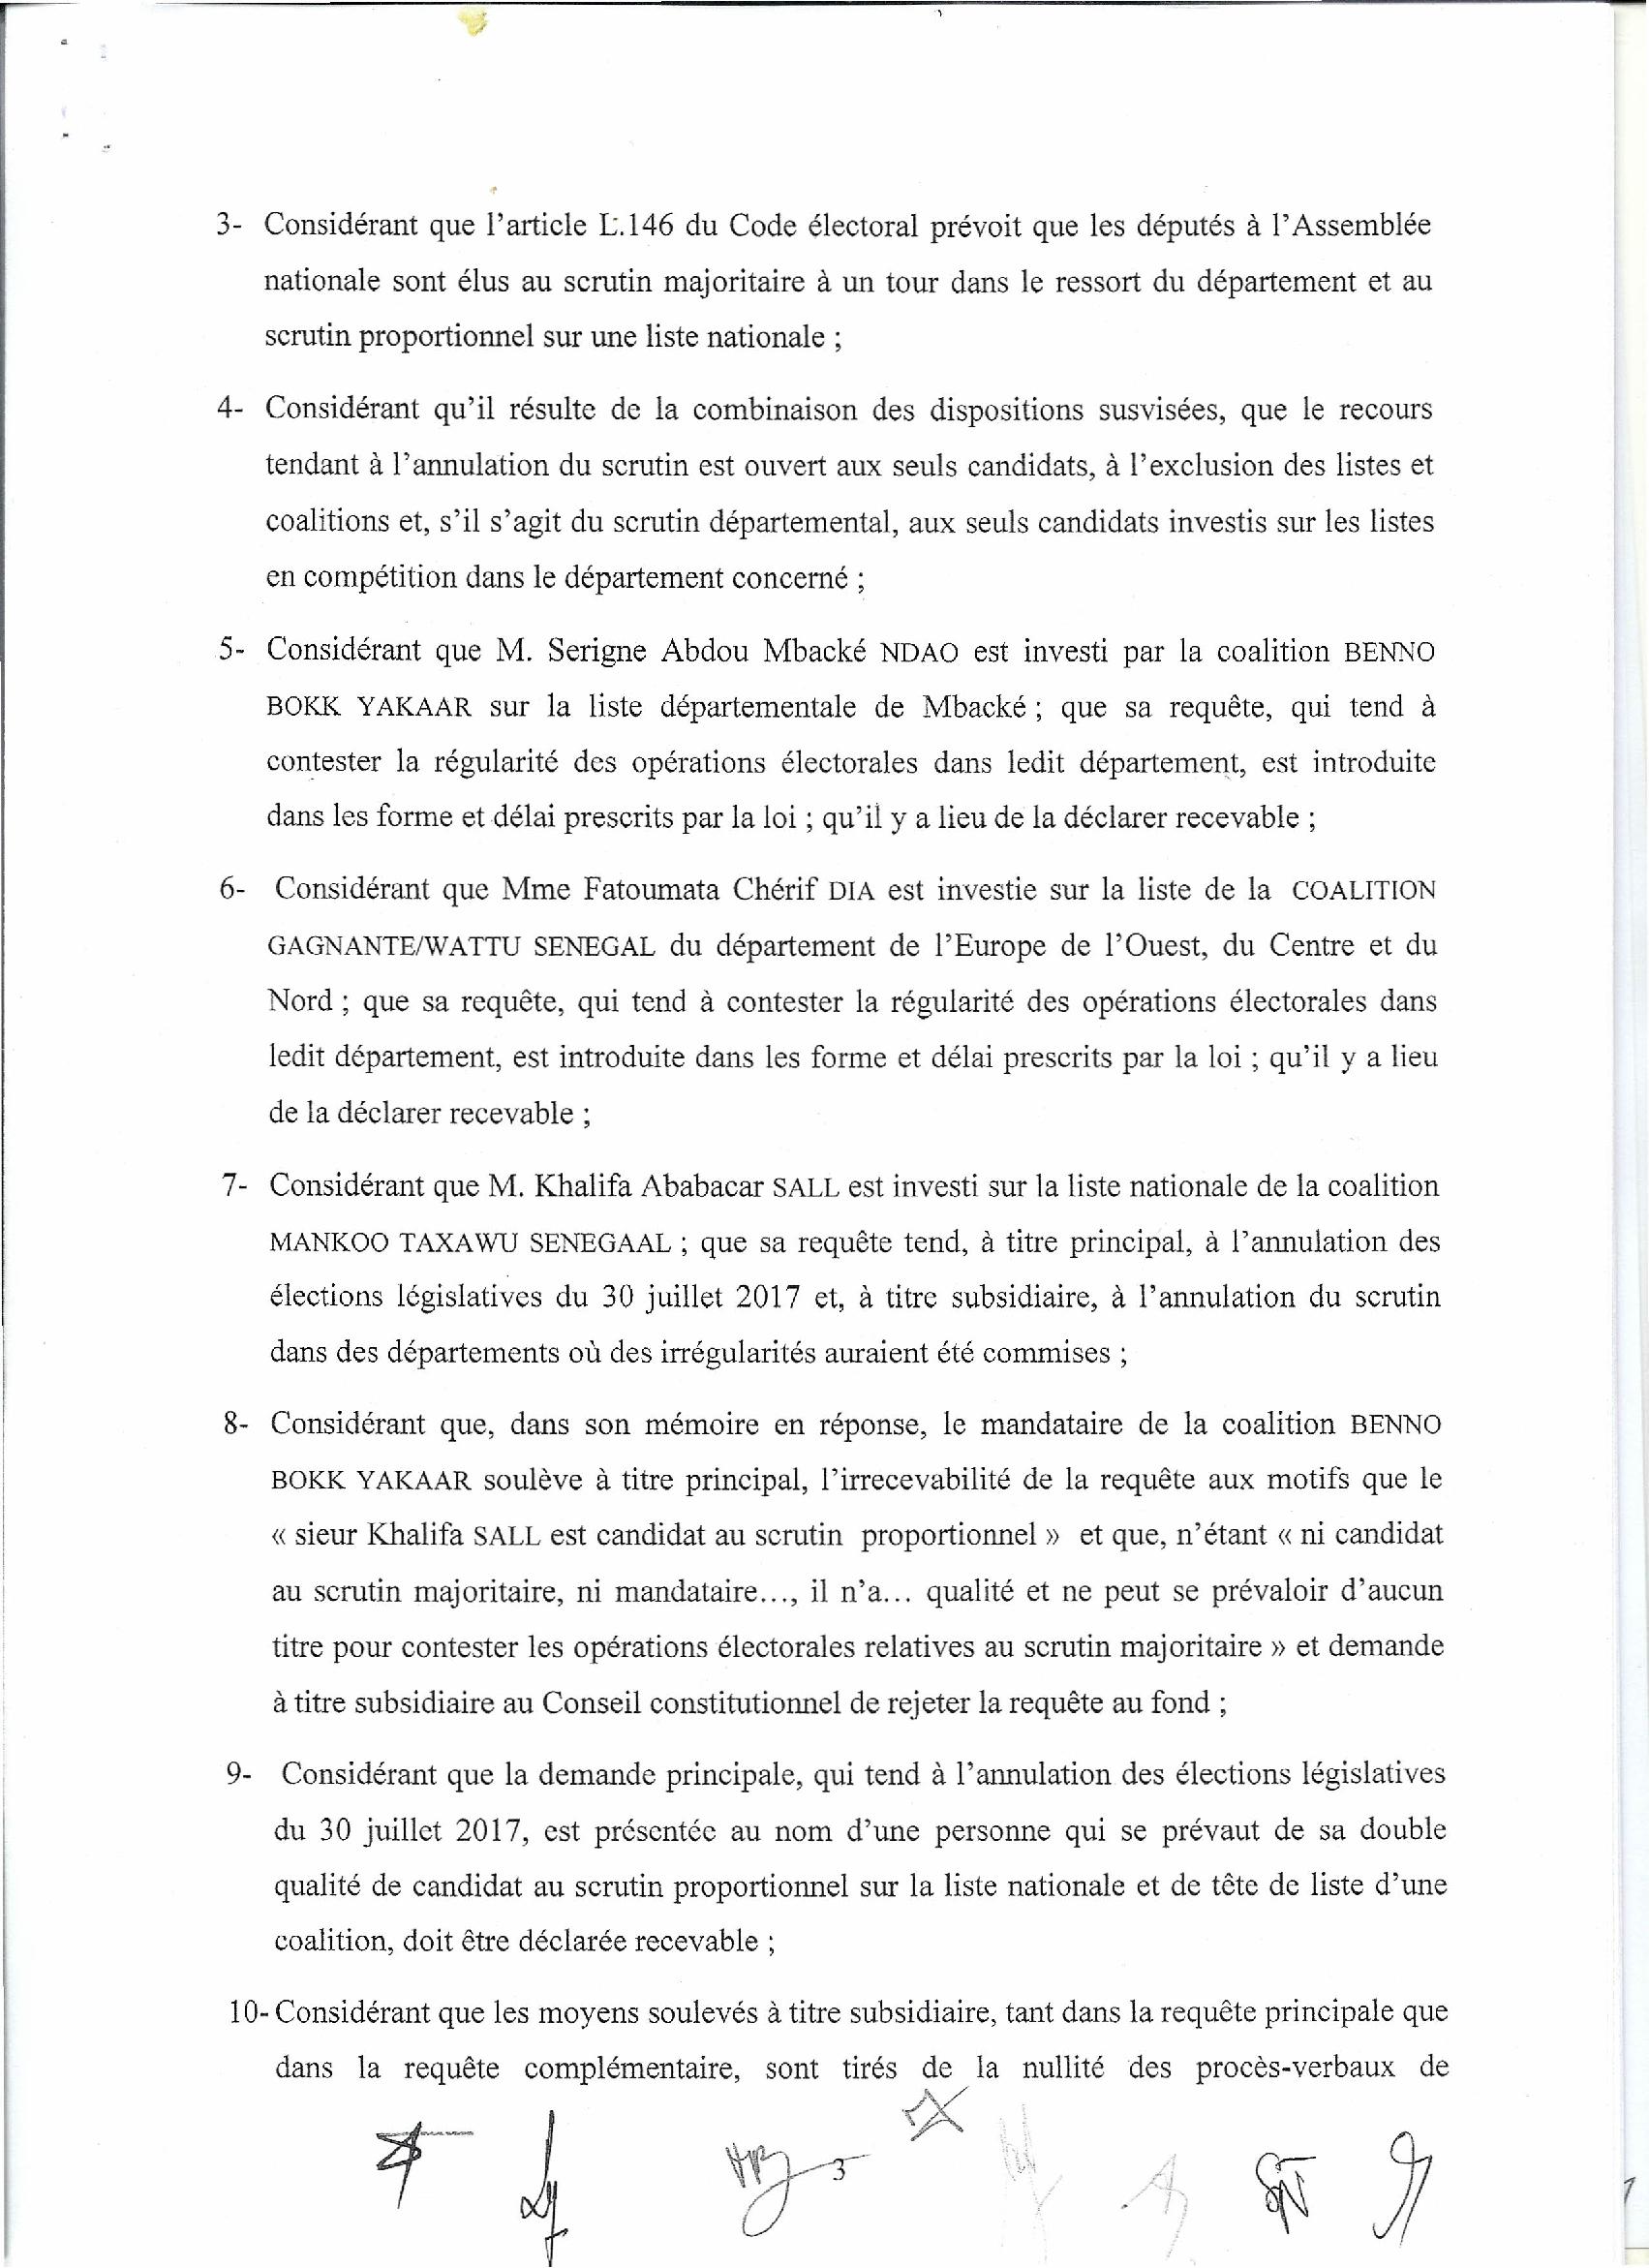 Le Conseil Constitutionnel valide la victoire de BBY et rejette tous les recours: Voici la liste officielles des élus